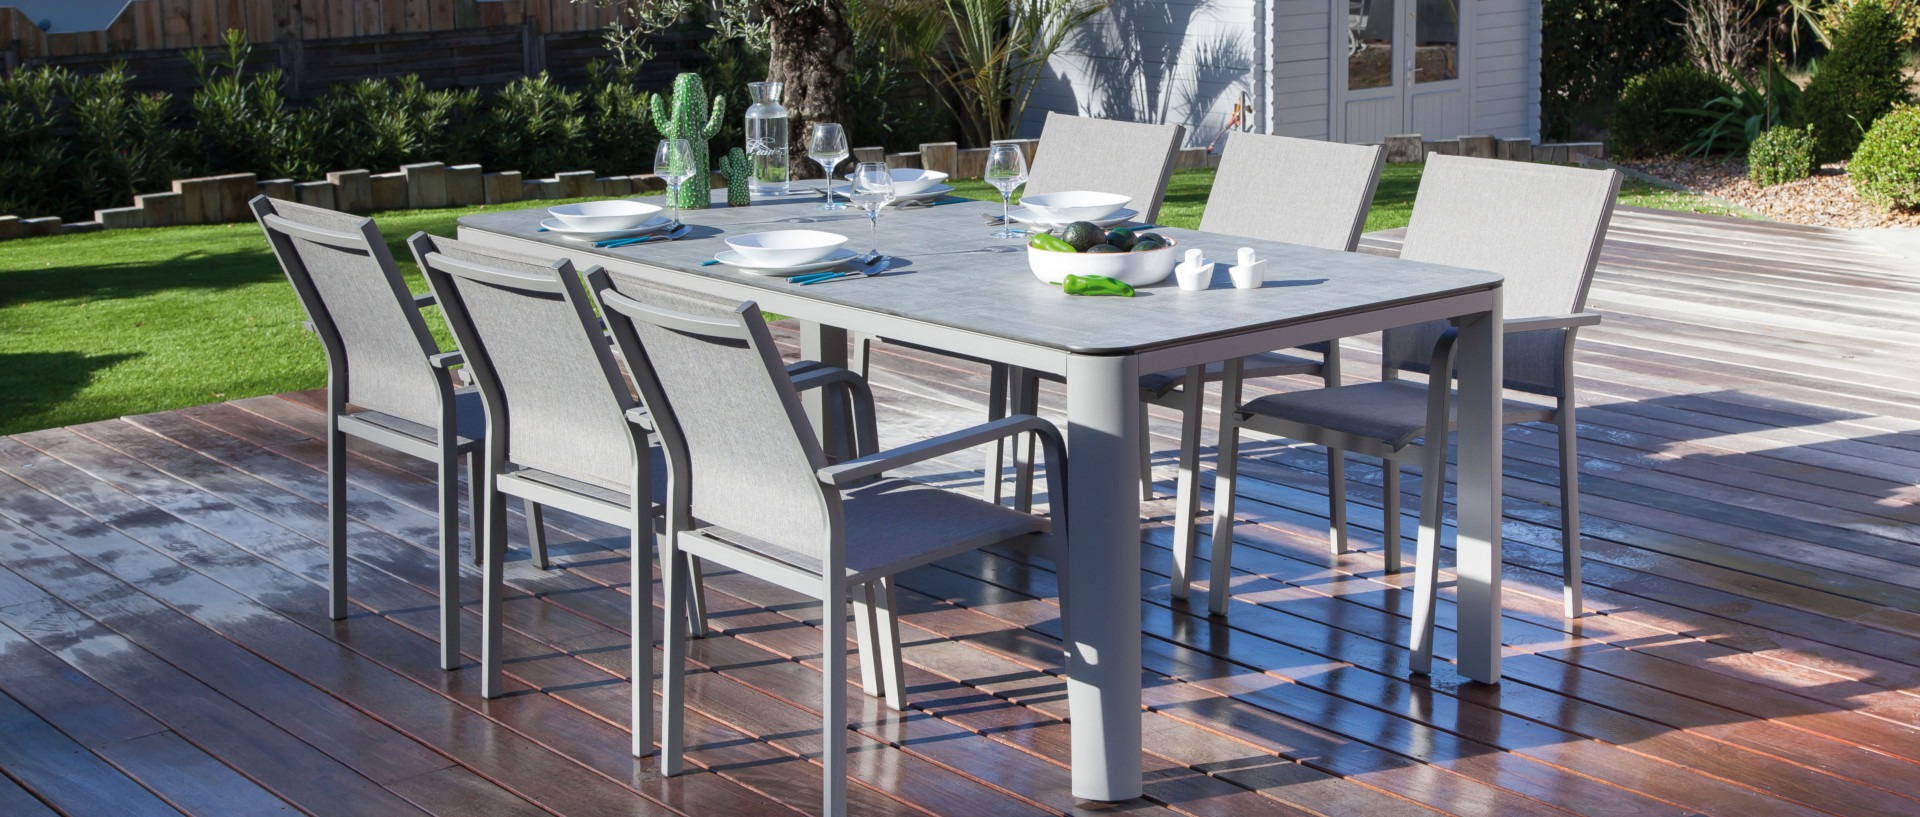 Table Eole 210 cm + fauteuils Quenza